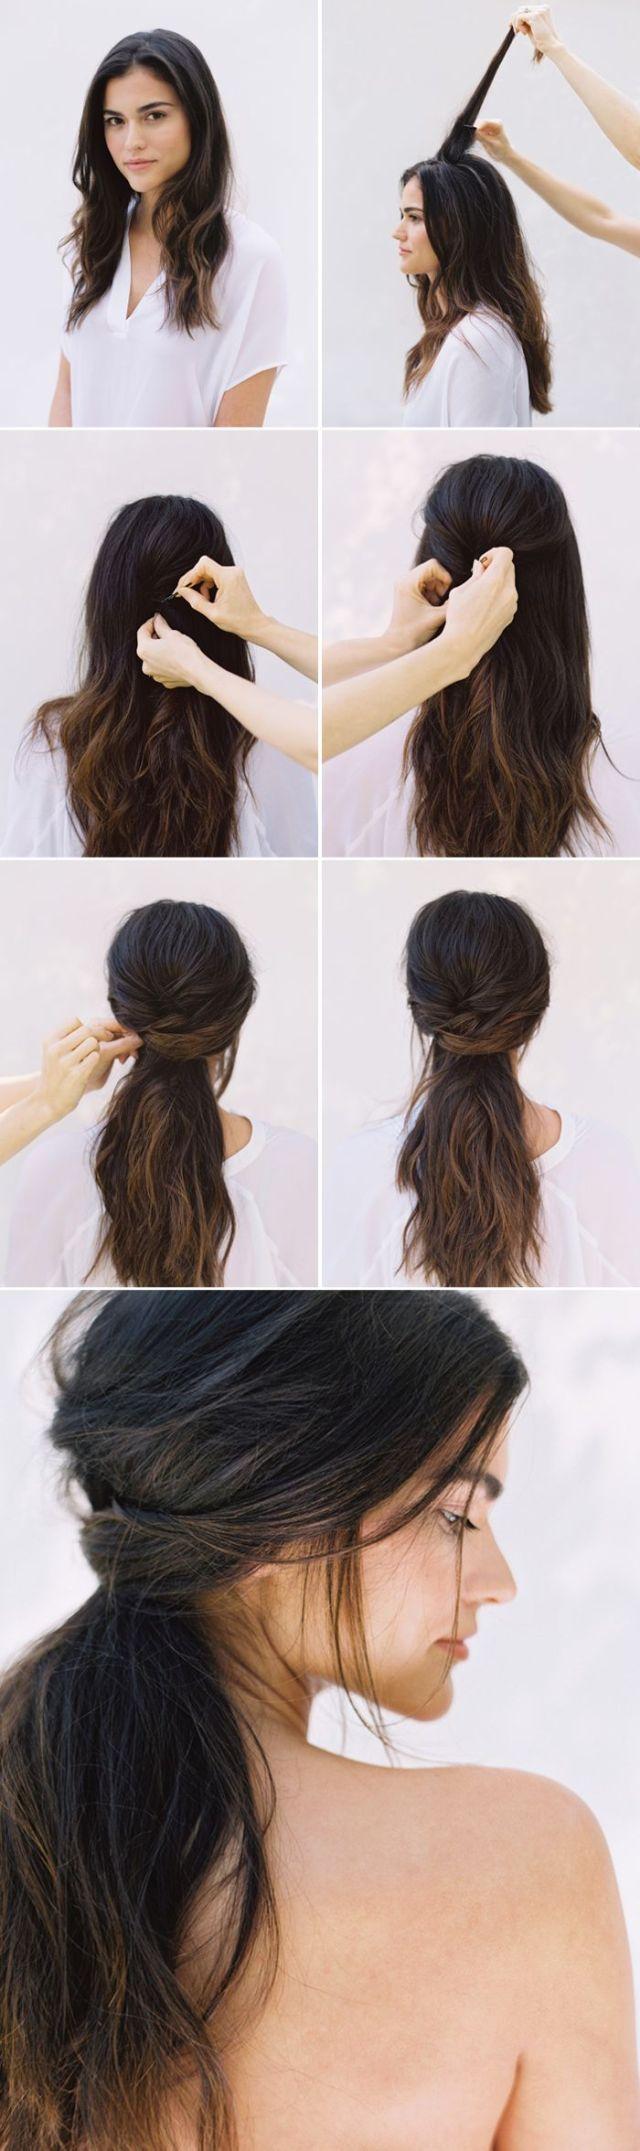 23 stunning half up half down wedding hairstyles - pretty